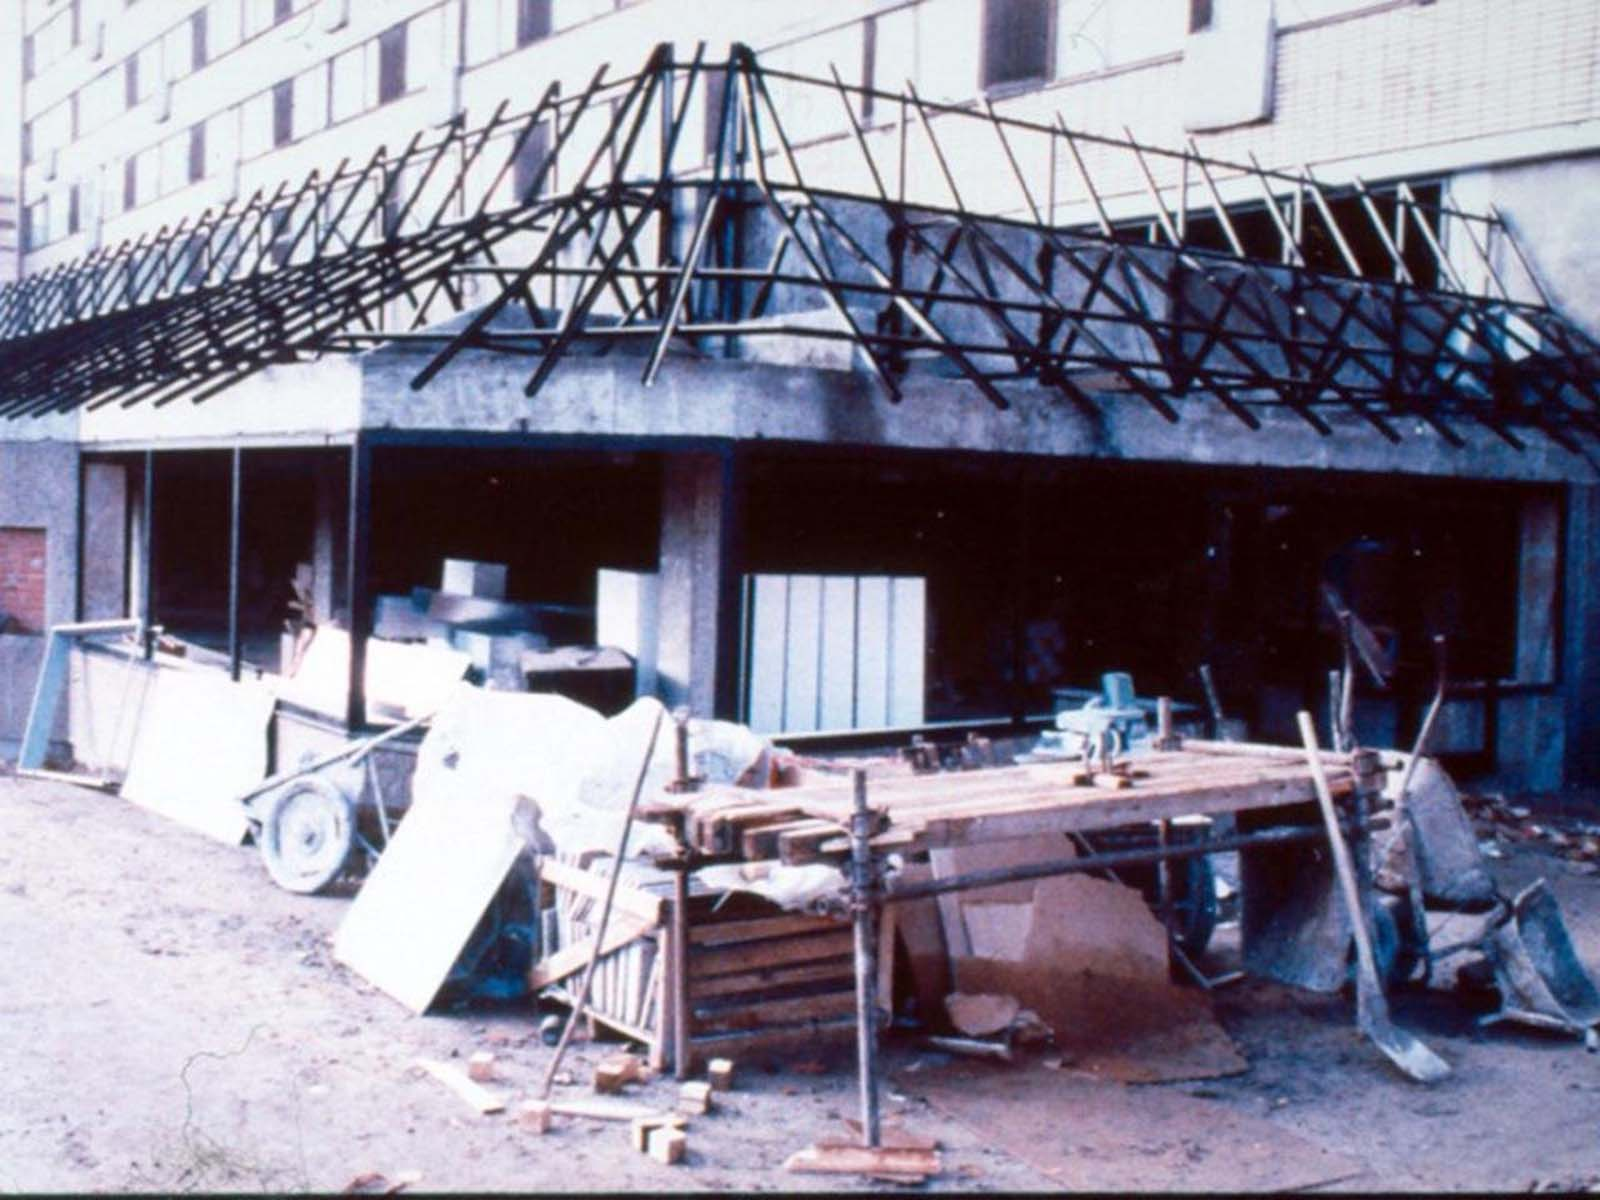 Le premier Mcdonald's à Moscou, qui a poussé la ville folle, 1990